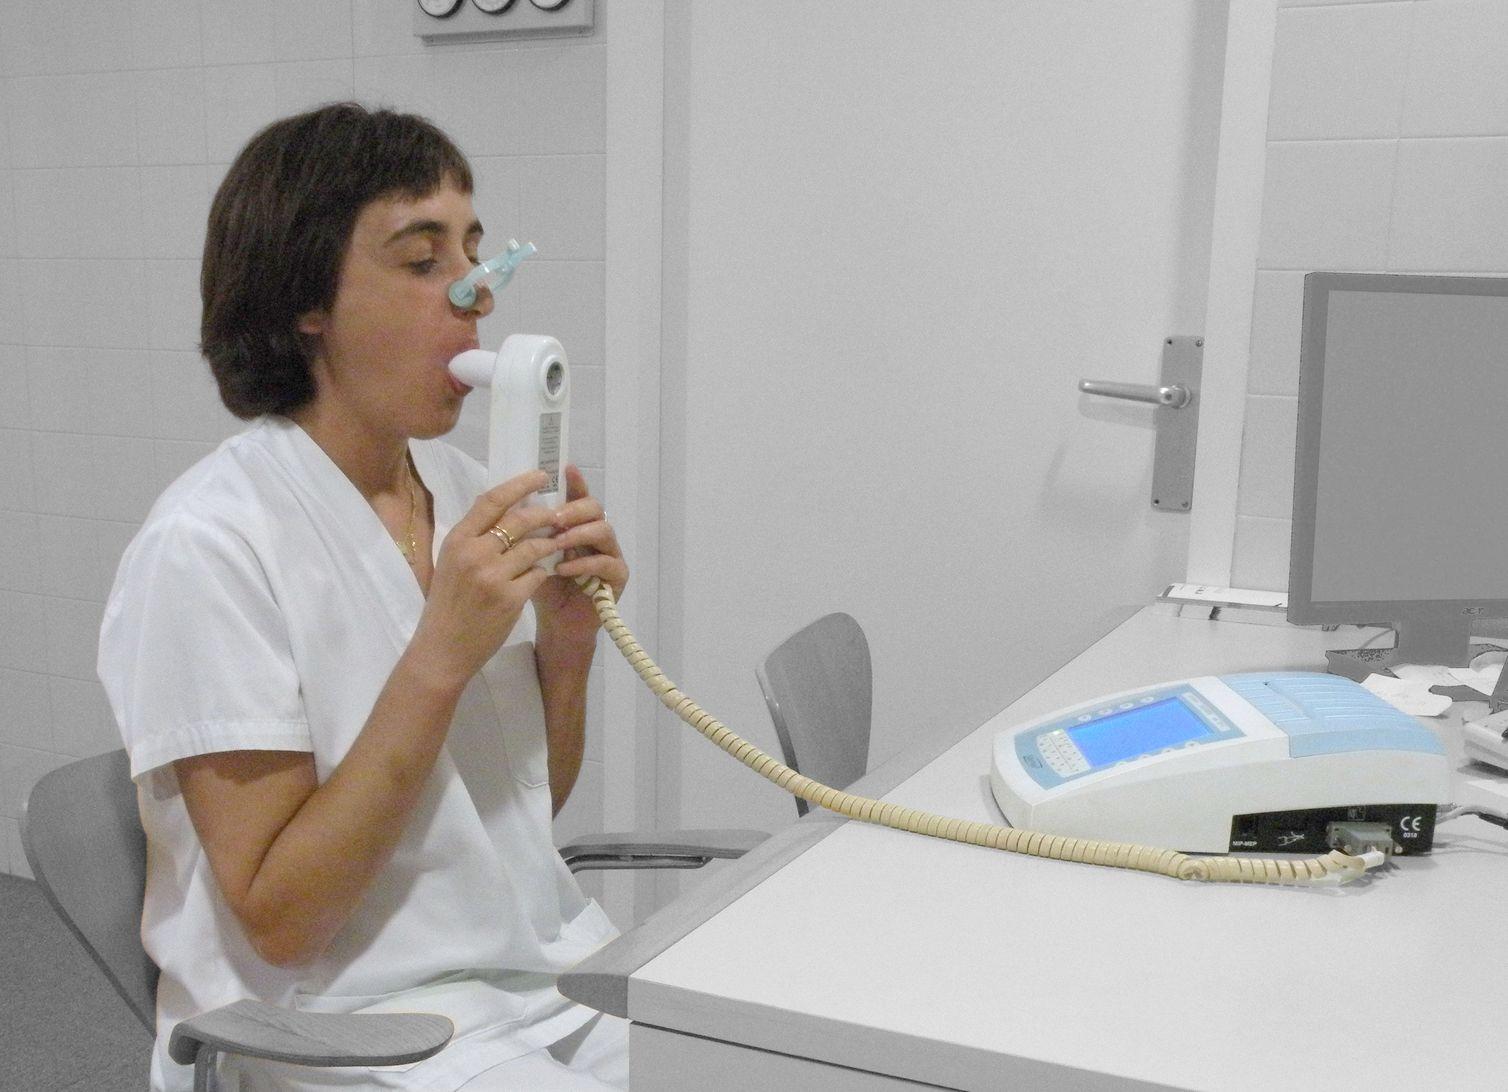 spirometria badanie płuc - Jmarchn - Wikimedia Commons